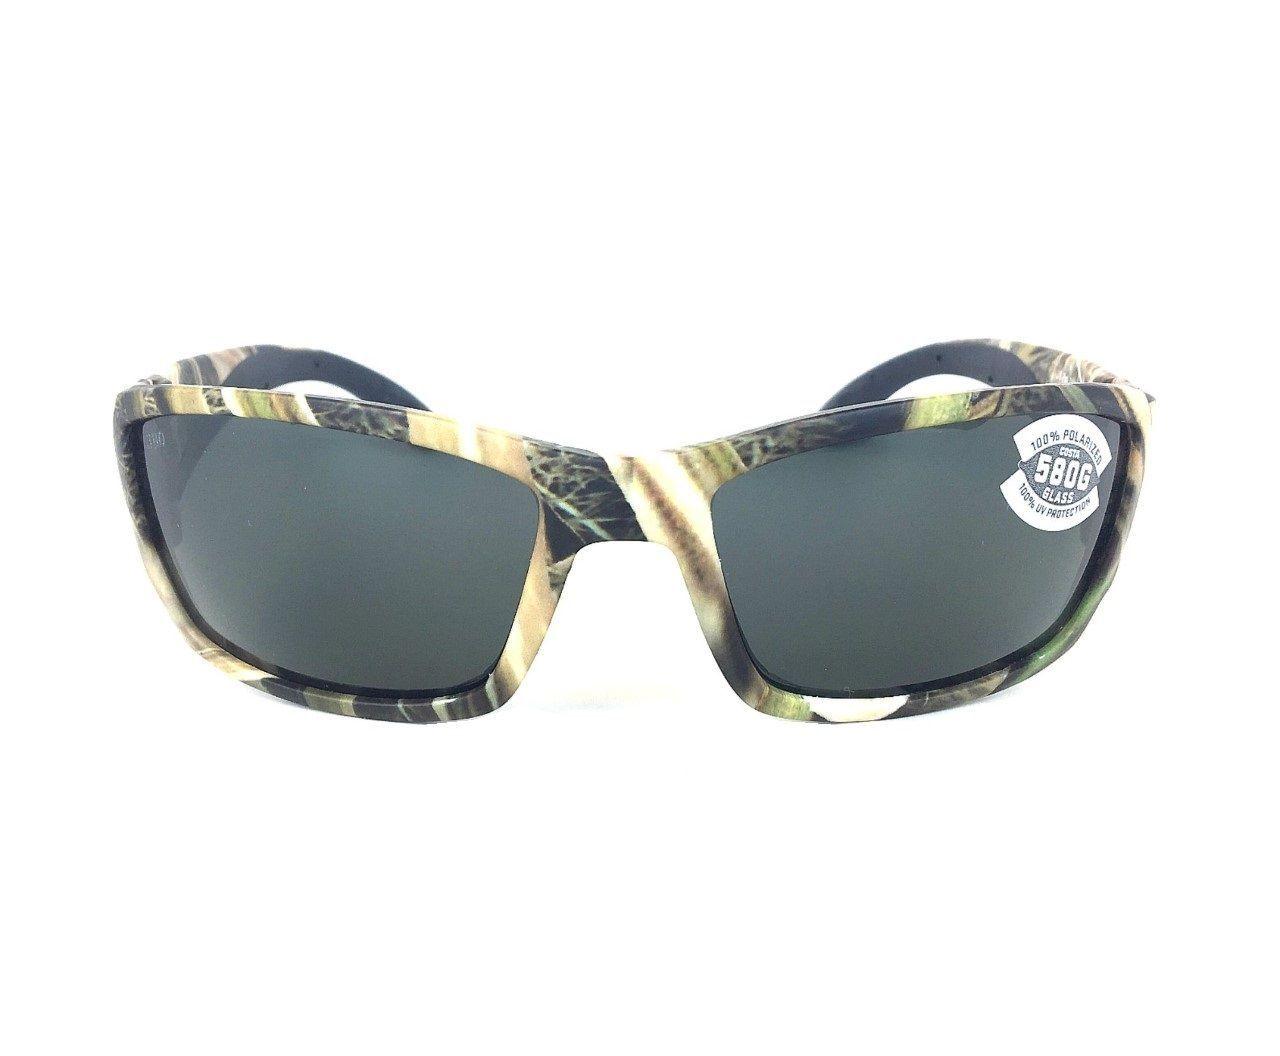 5a3020982a Buy Costa Del Mar Corbina Mossy Oak Grass Camo   Gray 580G Polarized  Sunglasses at online